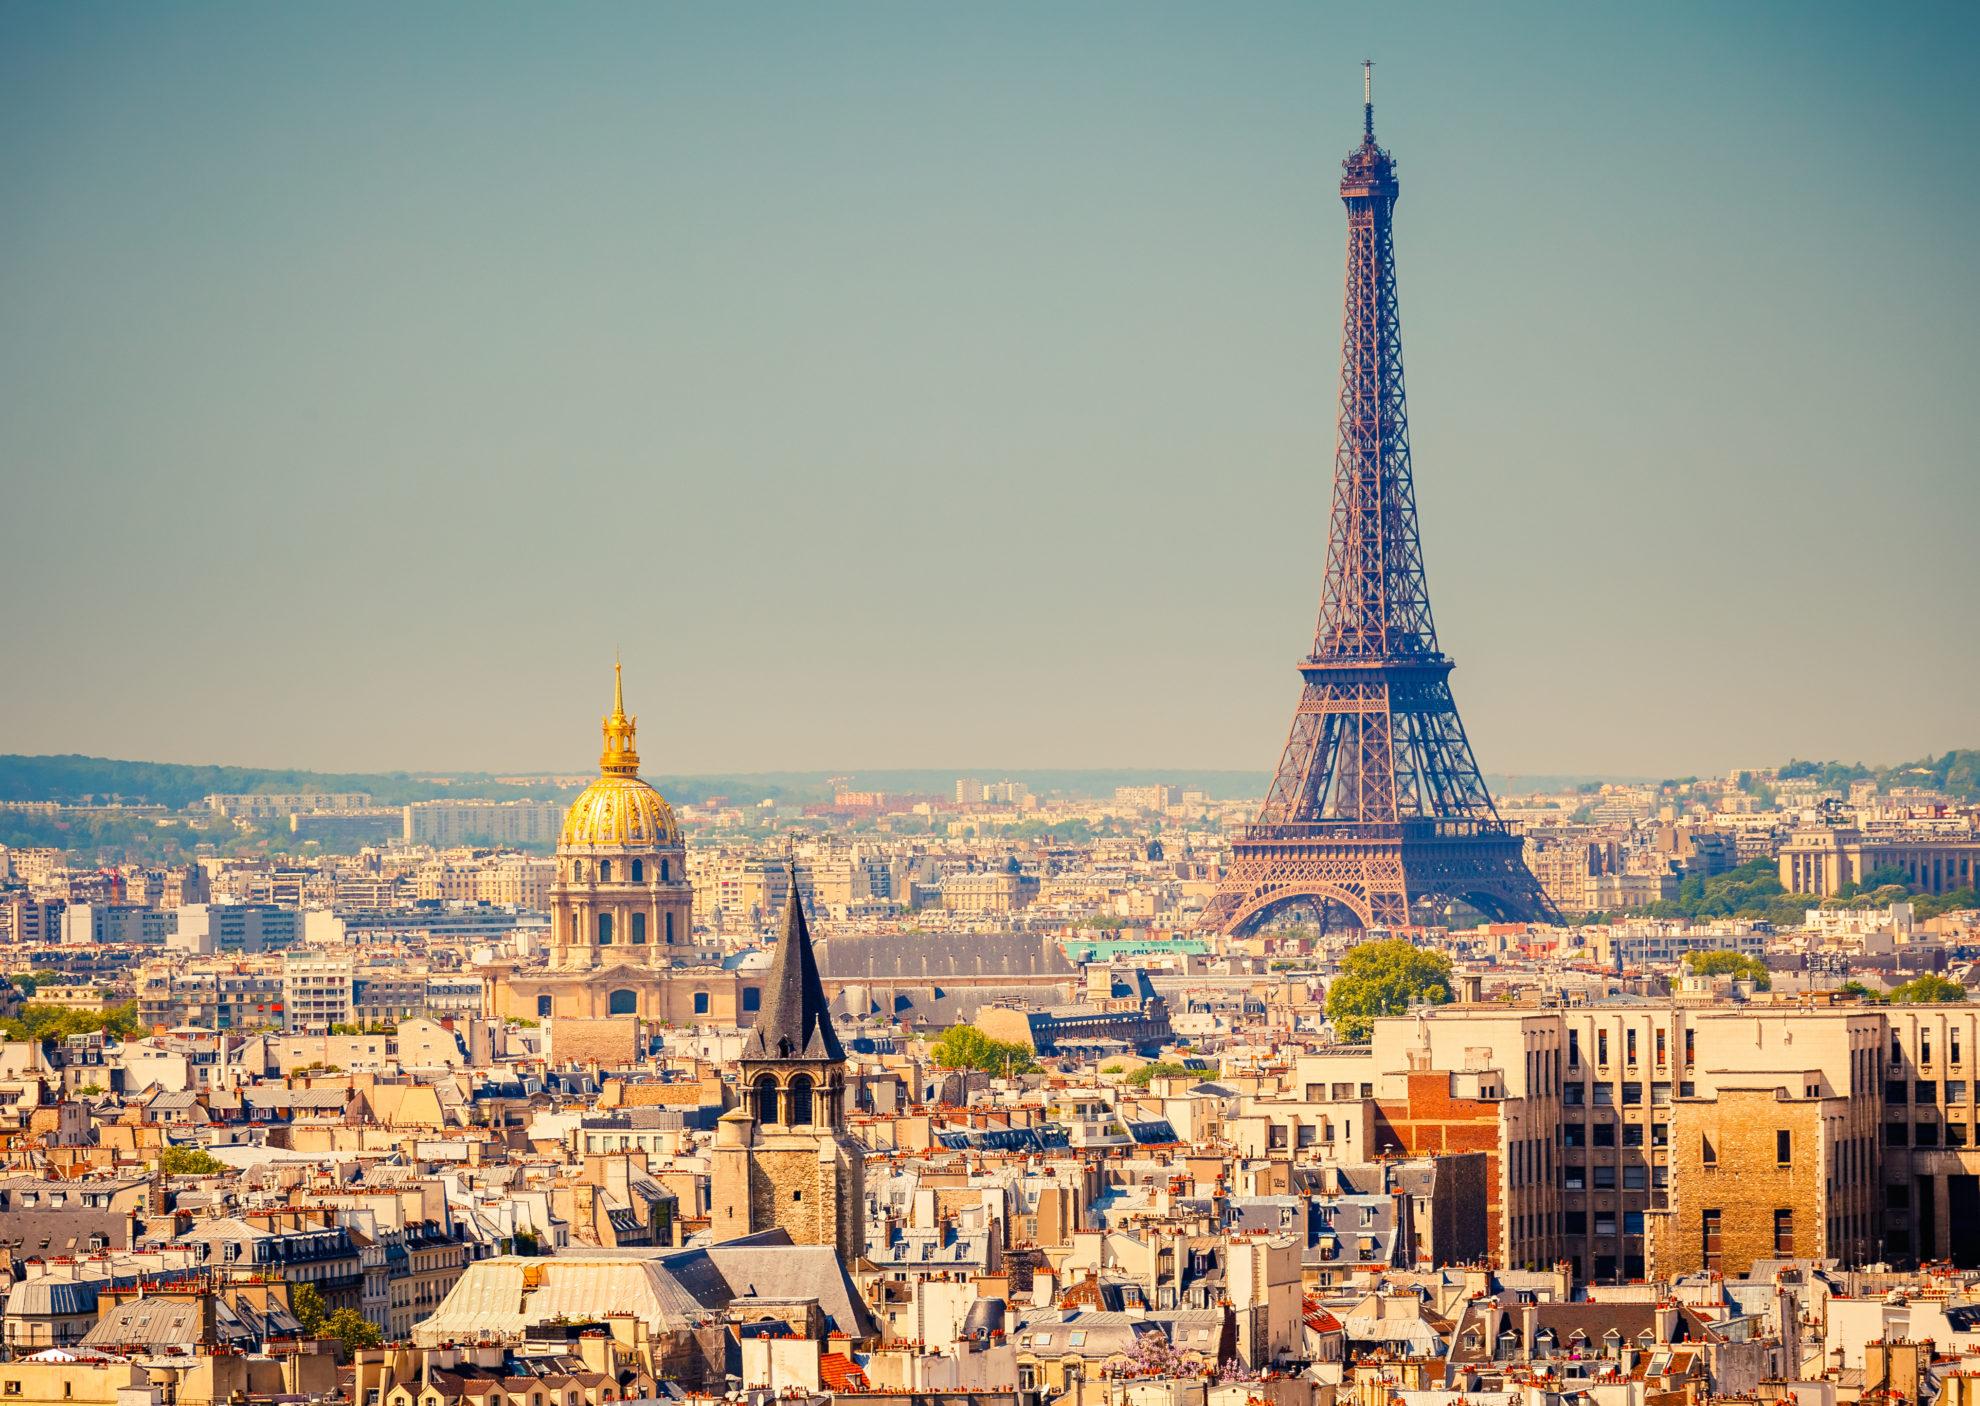 France [Shutterstock]